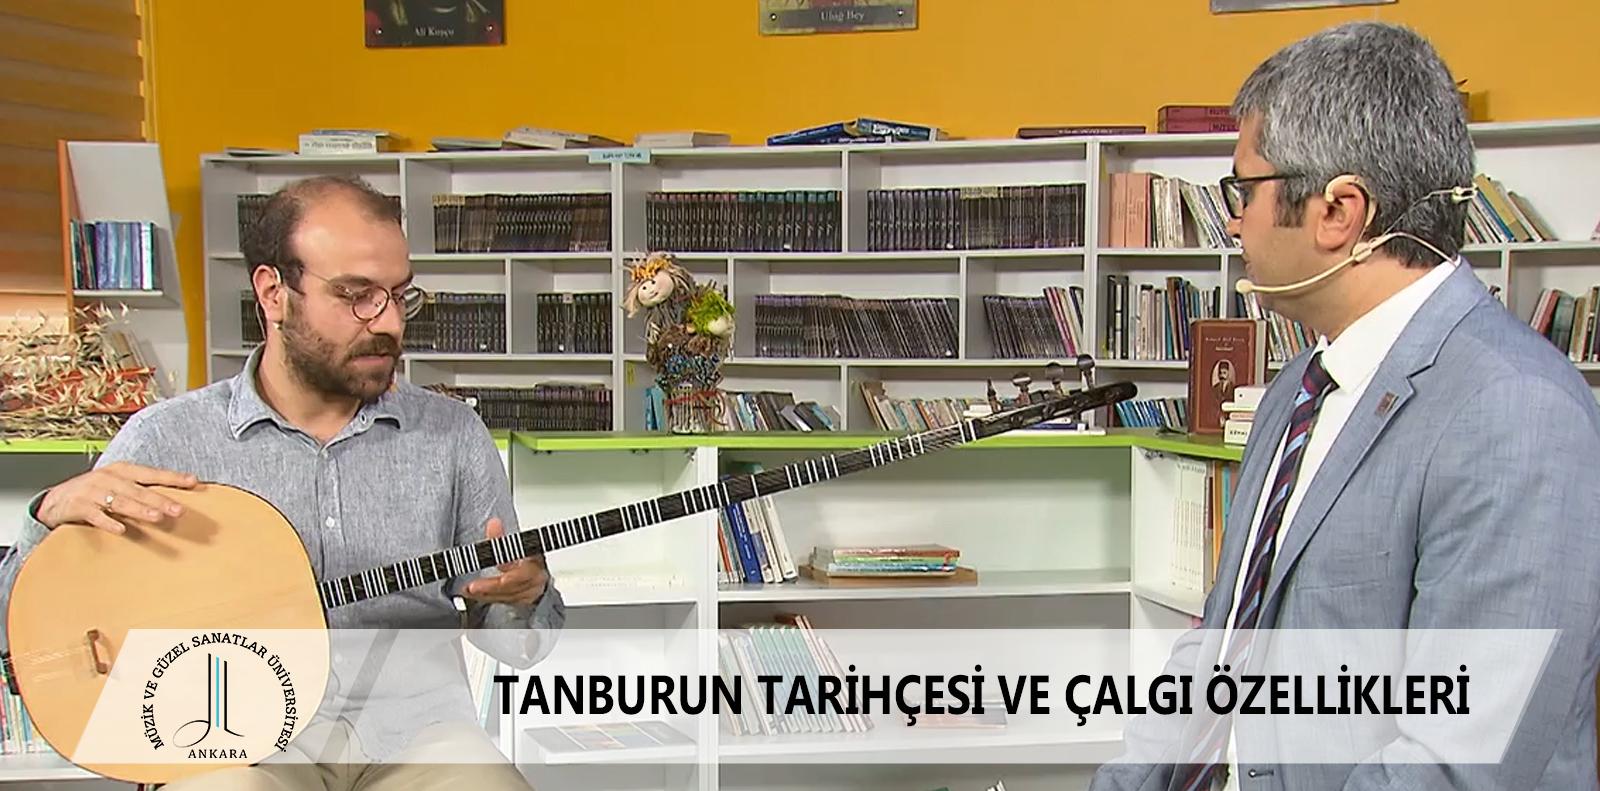 EBA TV TANBURUN TARİHÇESİ VE ÇALGI ÖZELLİKLERİ